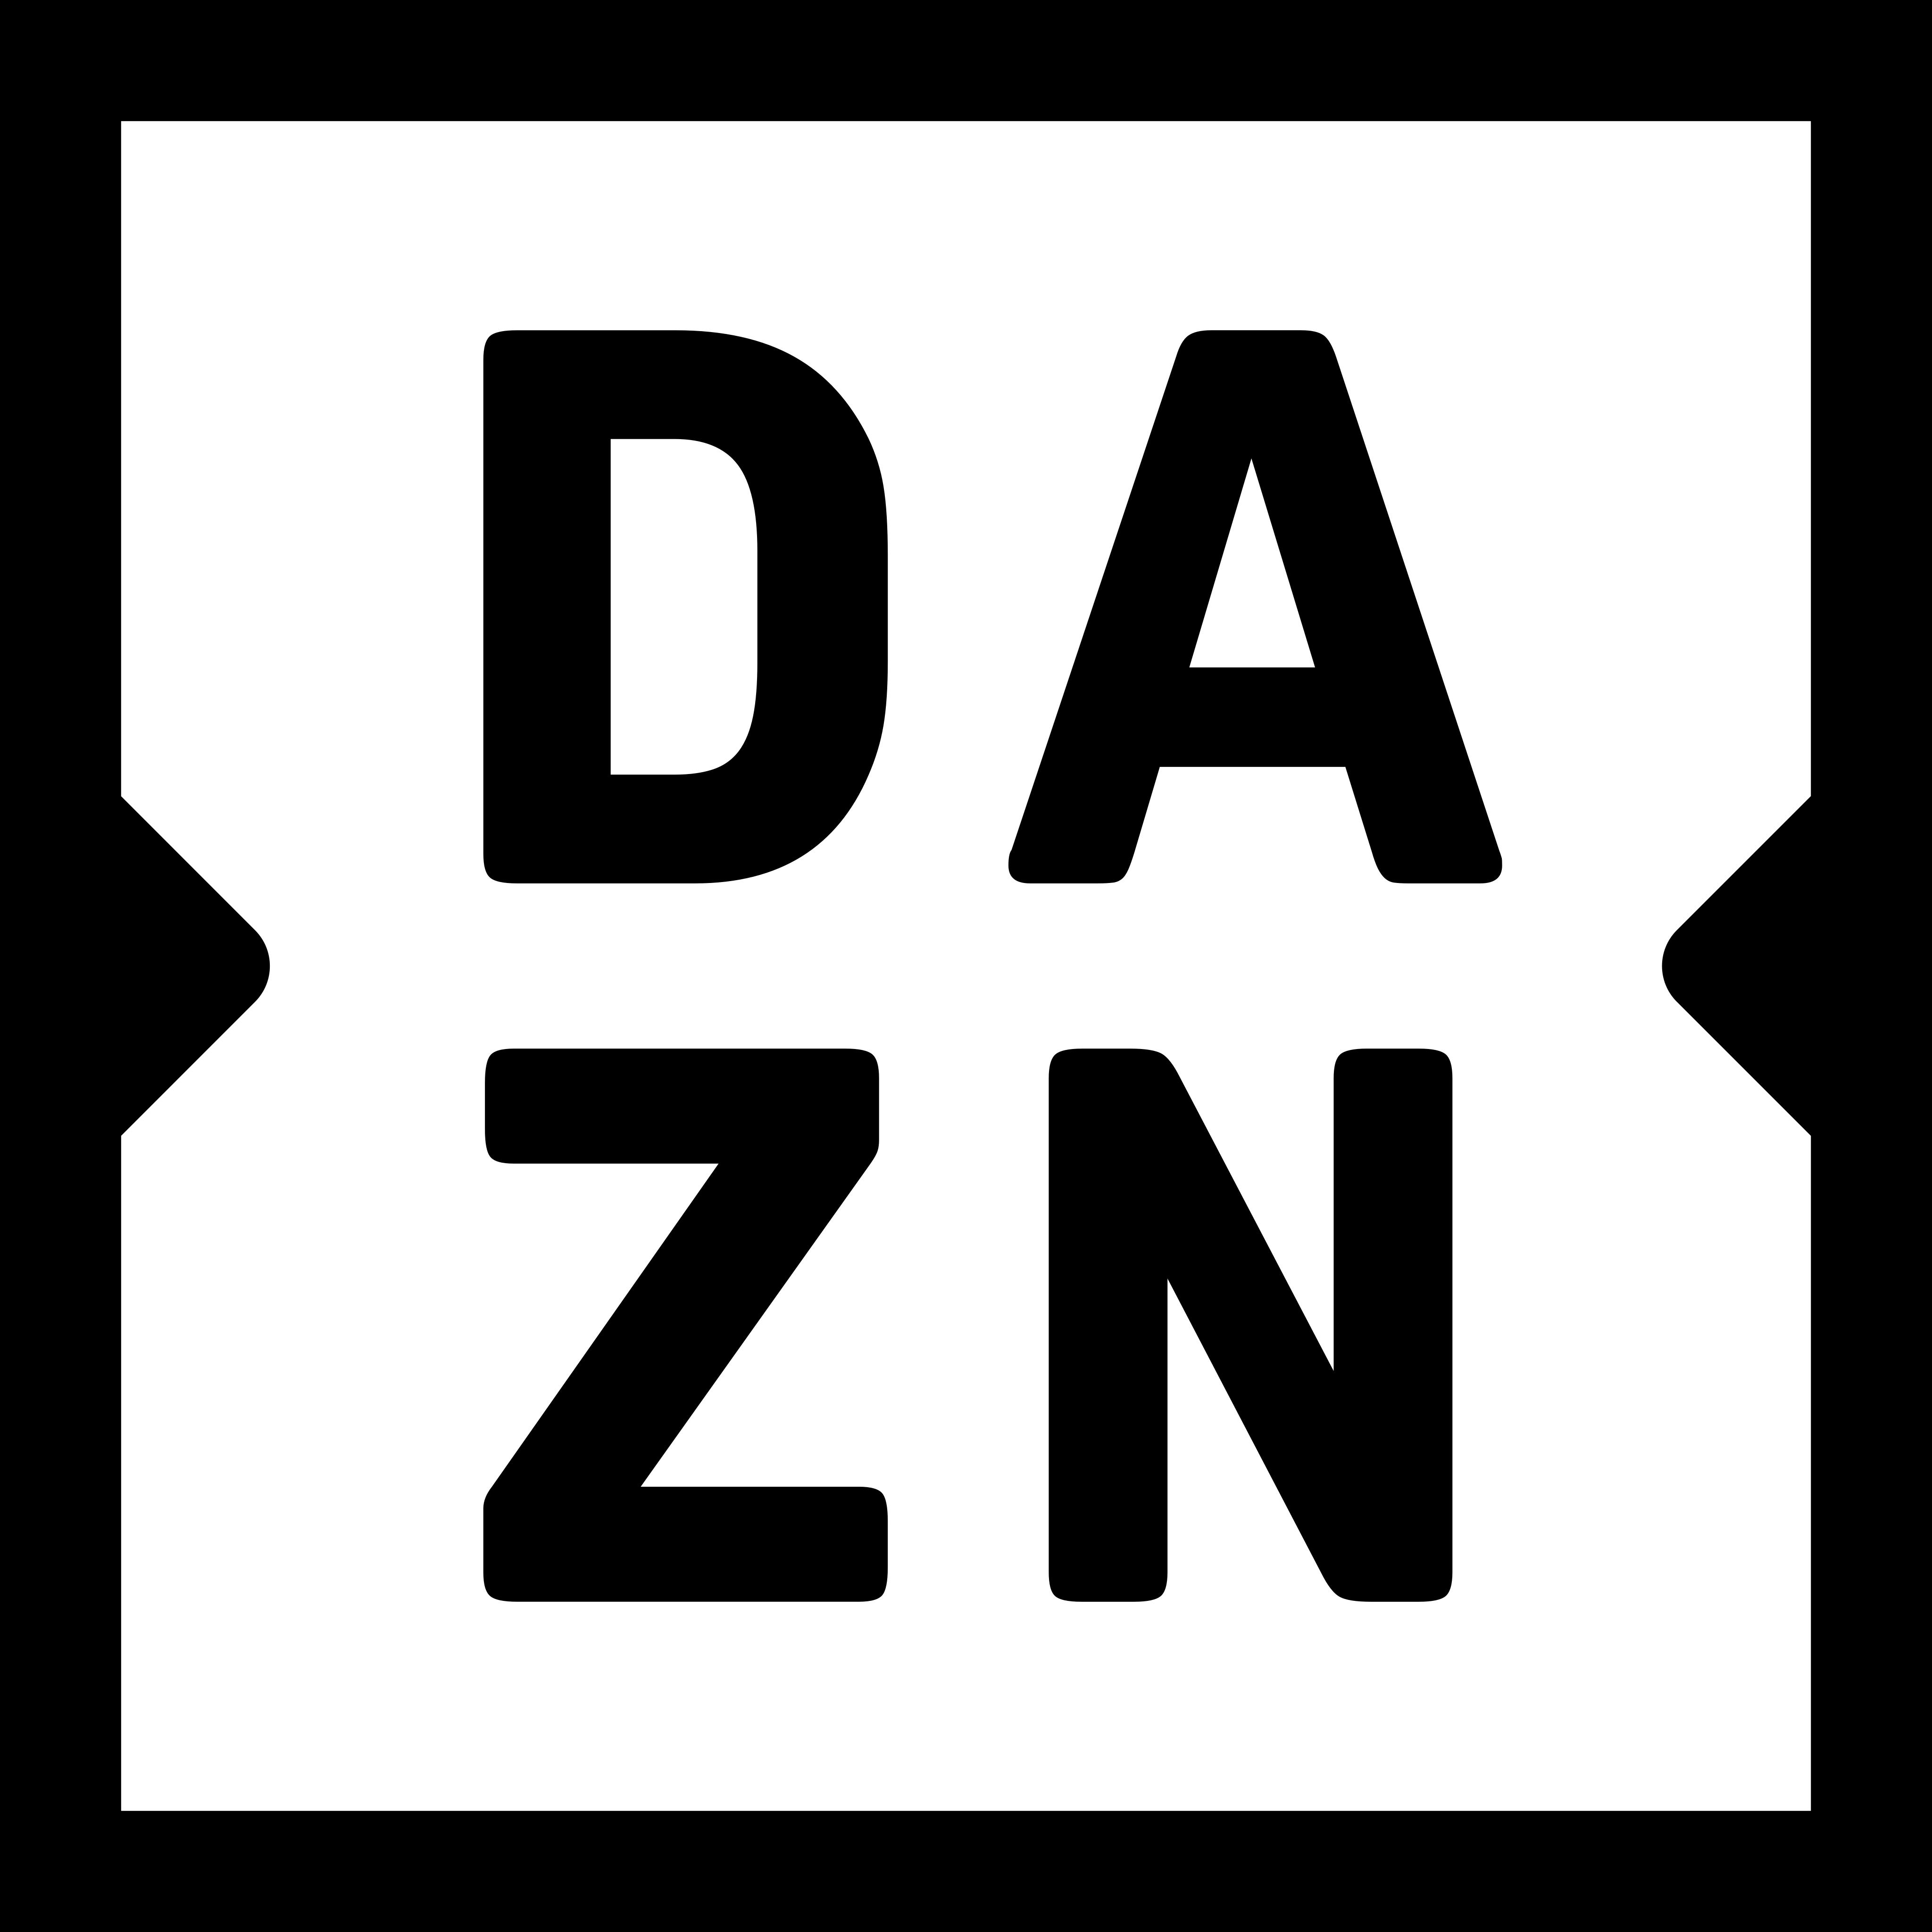 dazn logo 1 1 - DAZN Logo